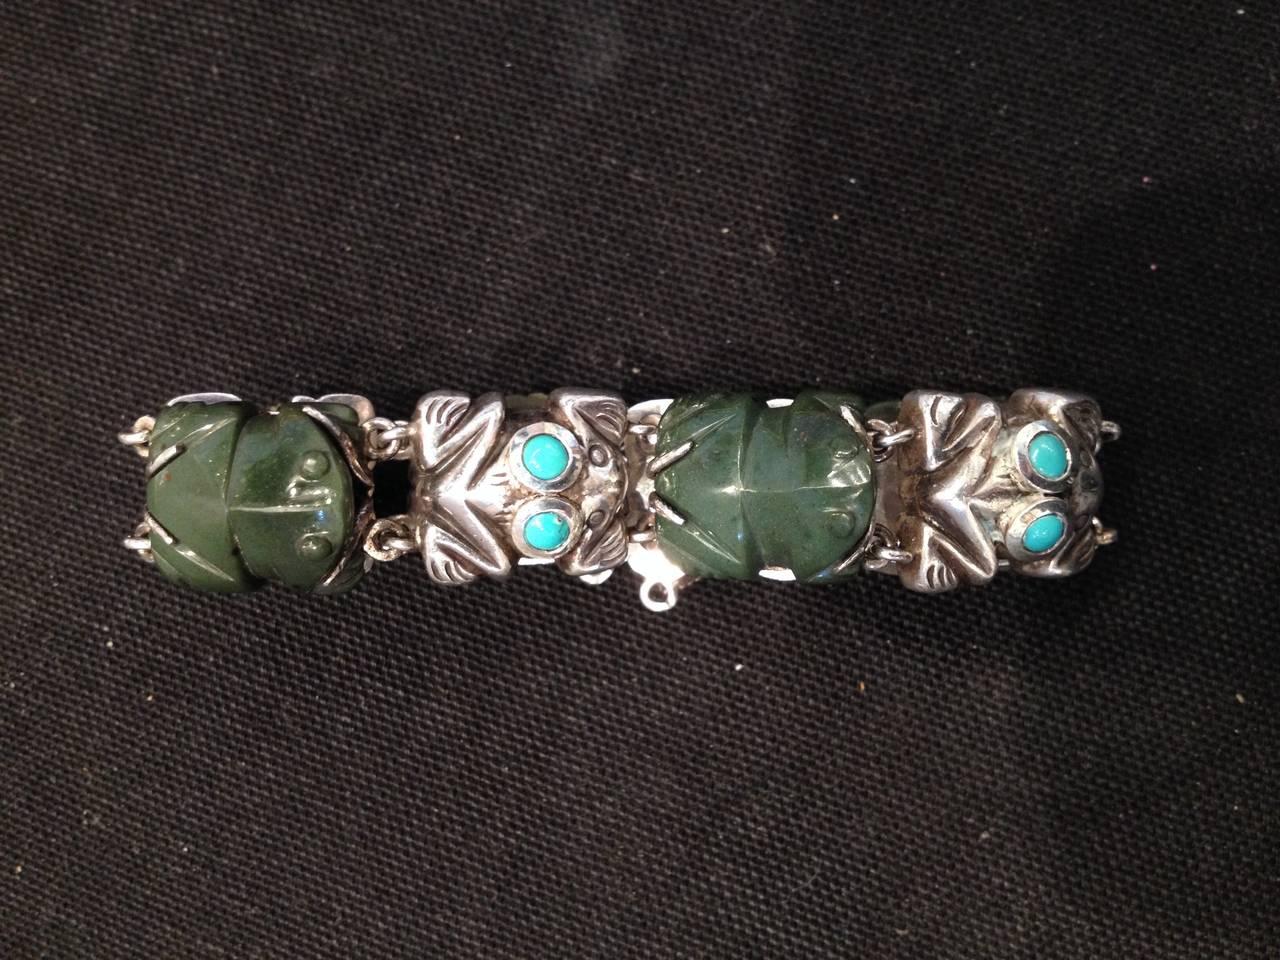 Rare William Spratling sterling turquoise frog designed early bracelet.